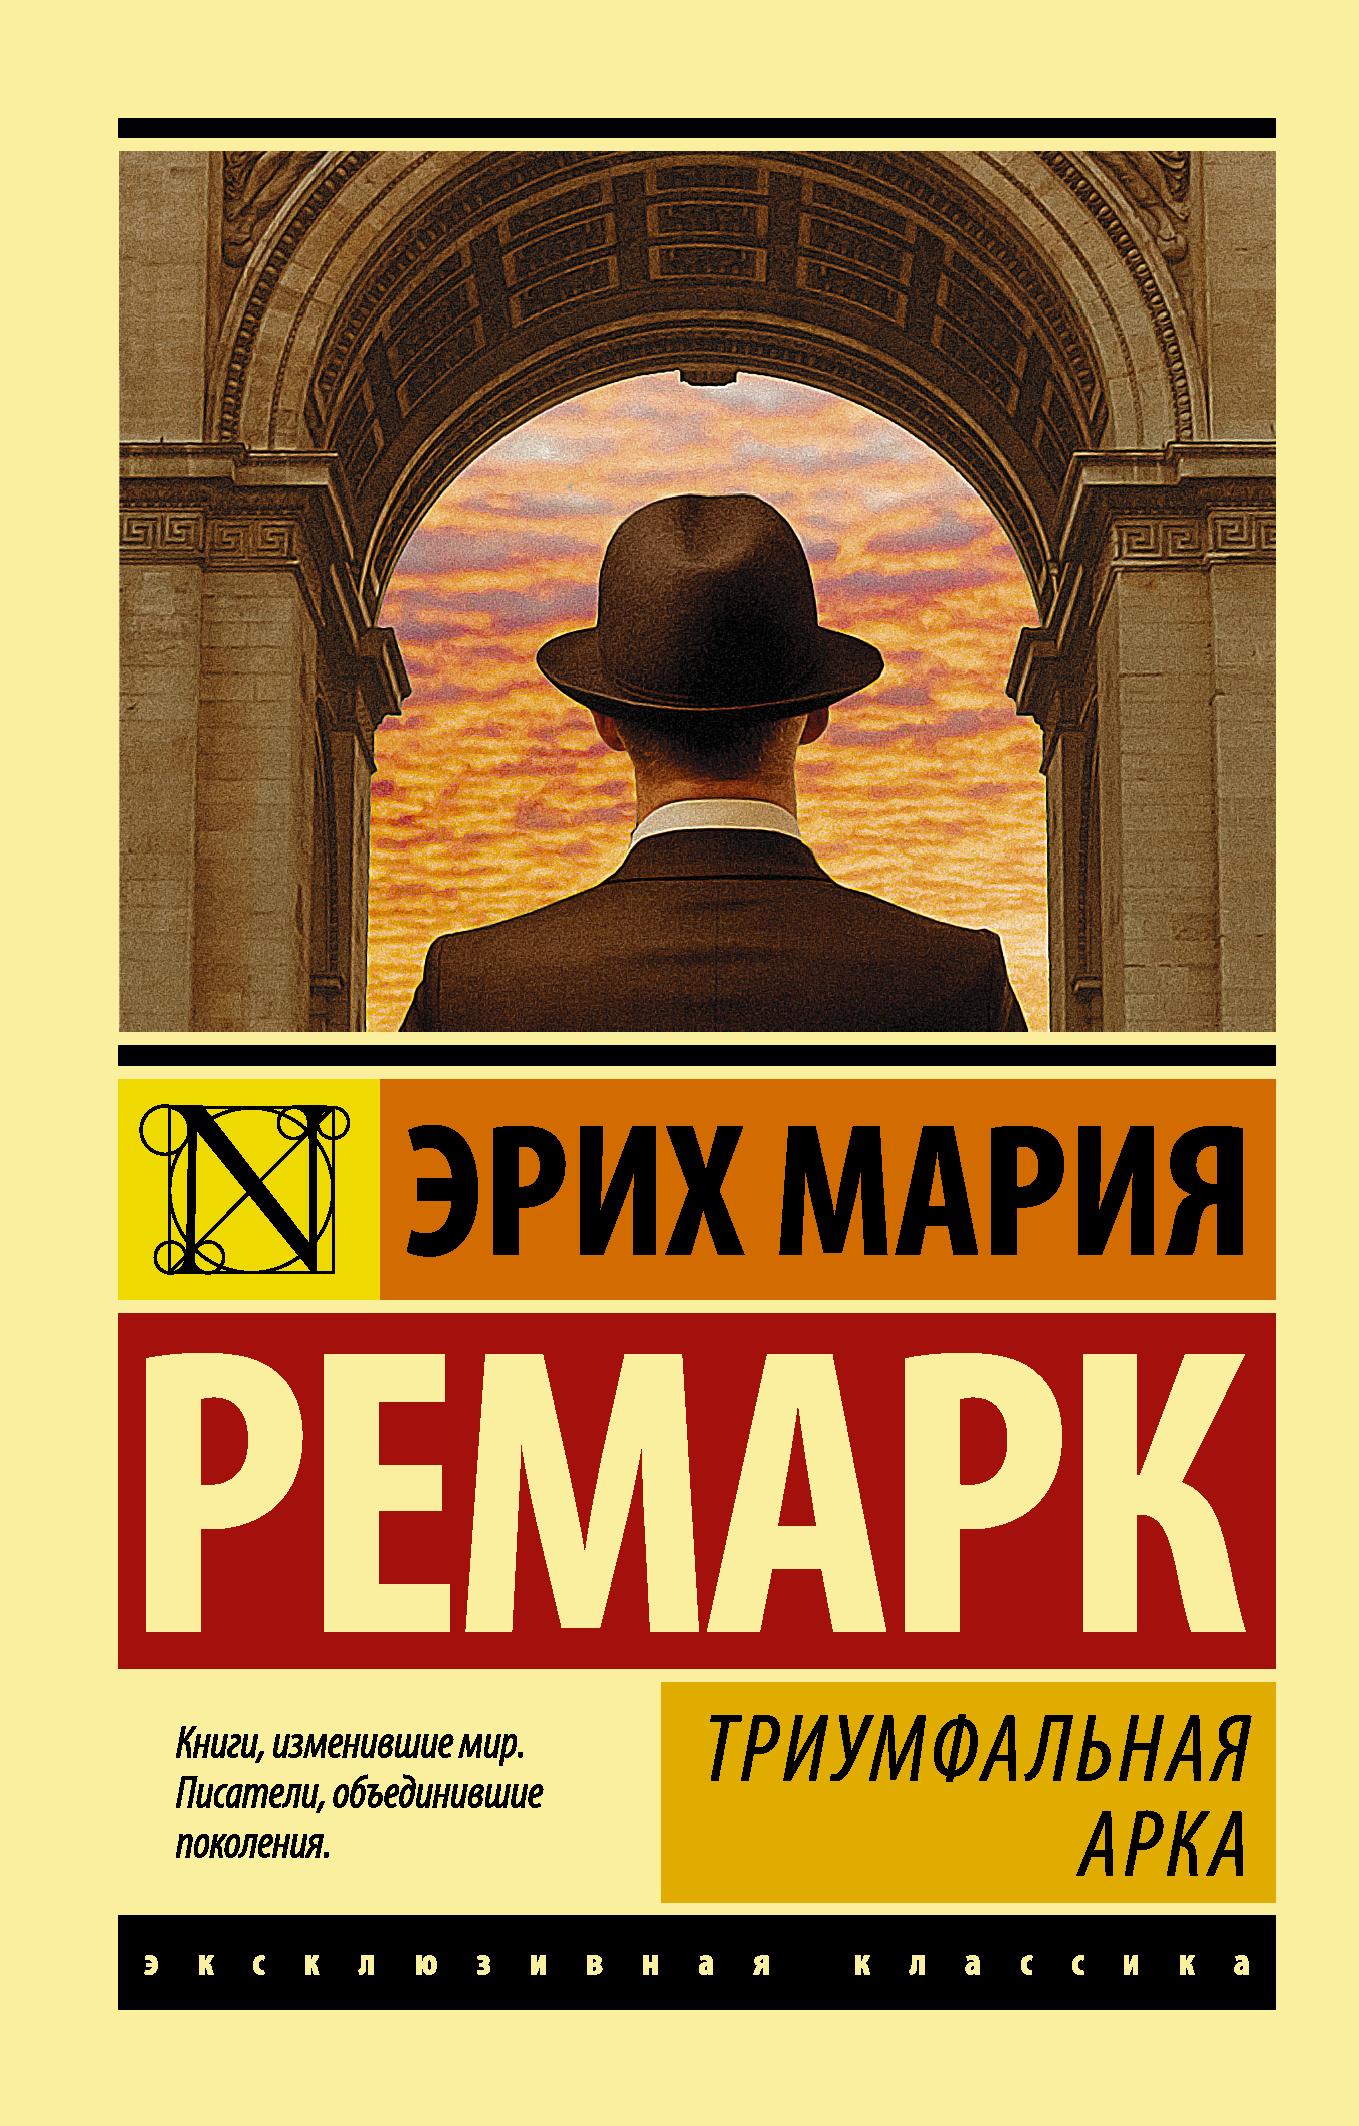 Эрих Мария Ремарк Триумфальная арка эрих мария ремарк триумфальная арка уровень 4 arc de triomphe